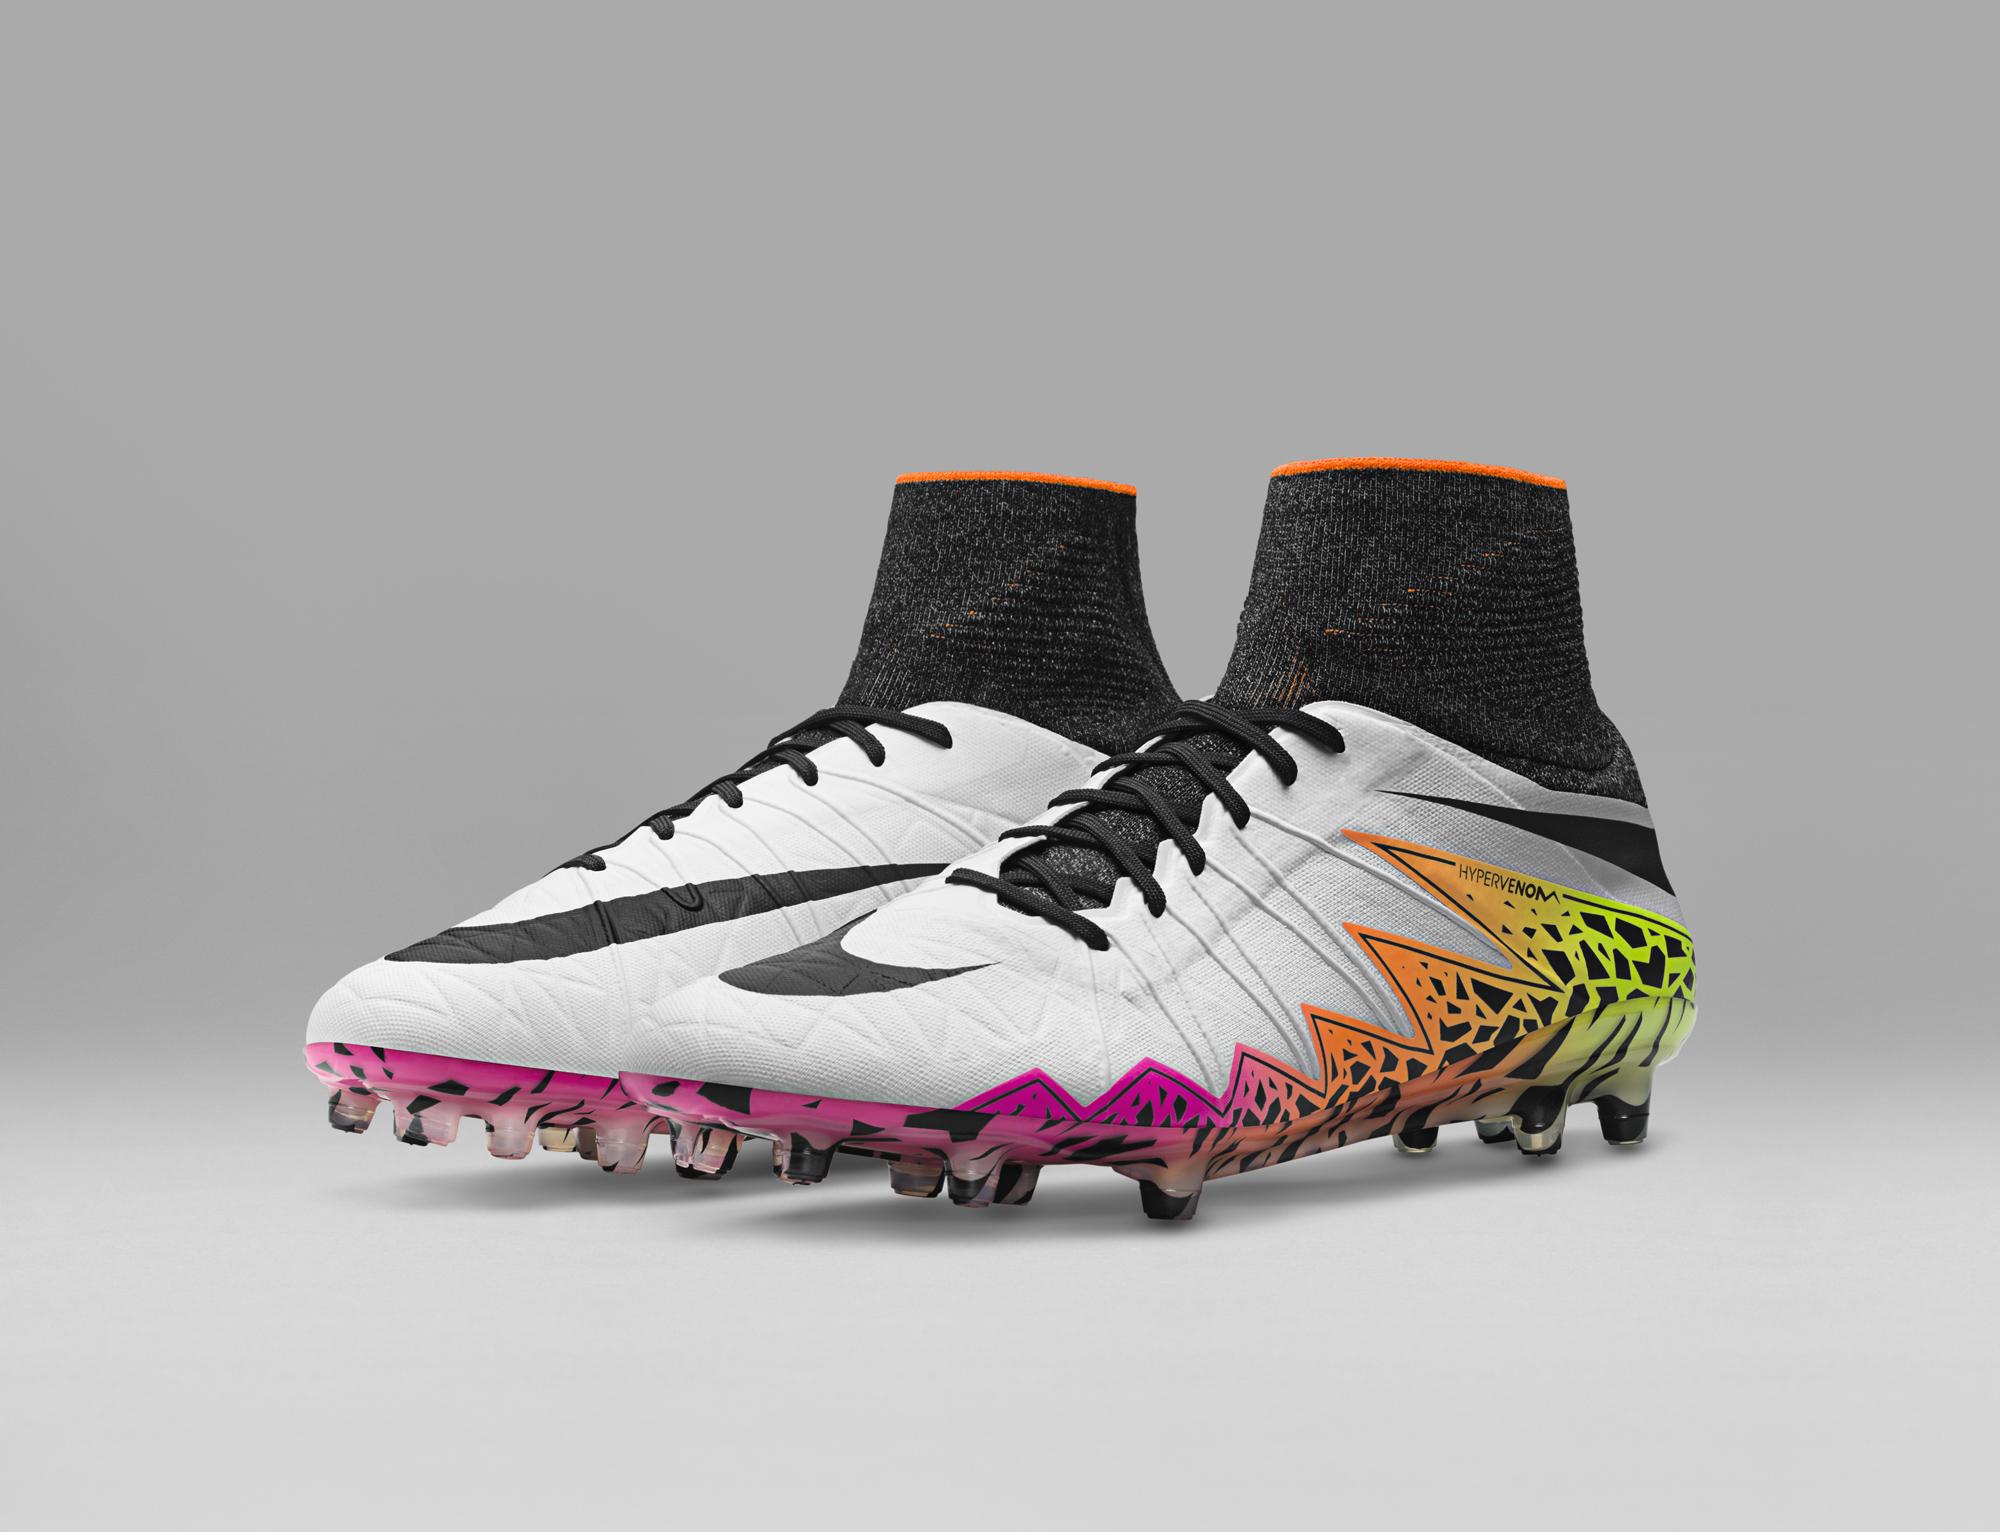 513de2860246e Look primaverile per le nuove scarpe da calcio Nike  presentato il Radiant  Reveal Pack